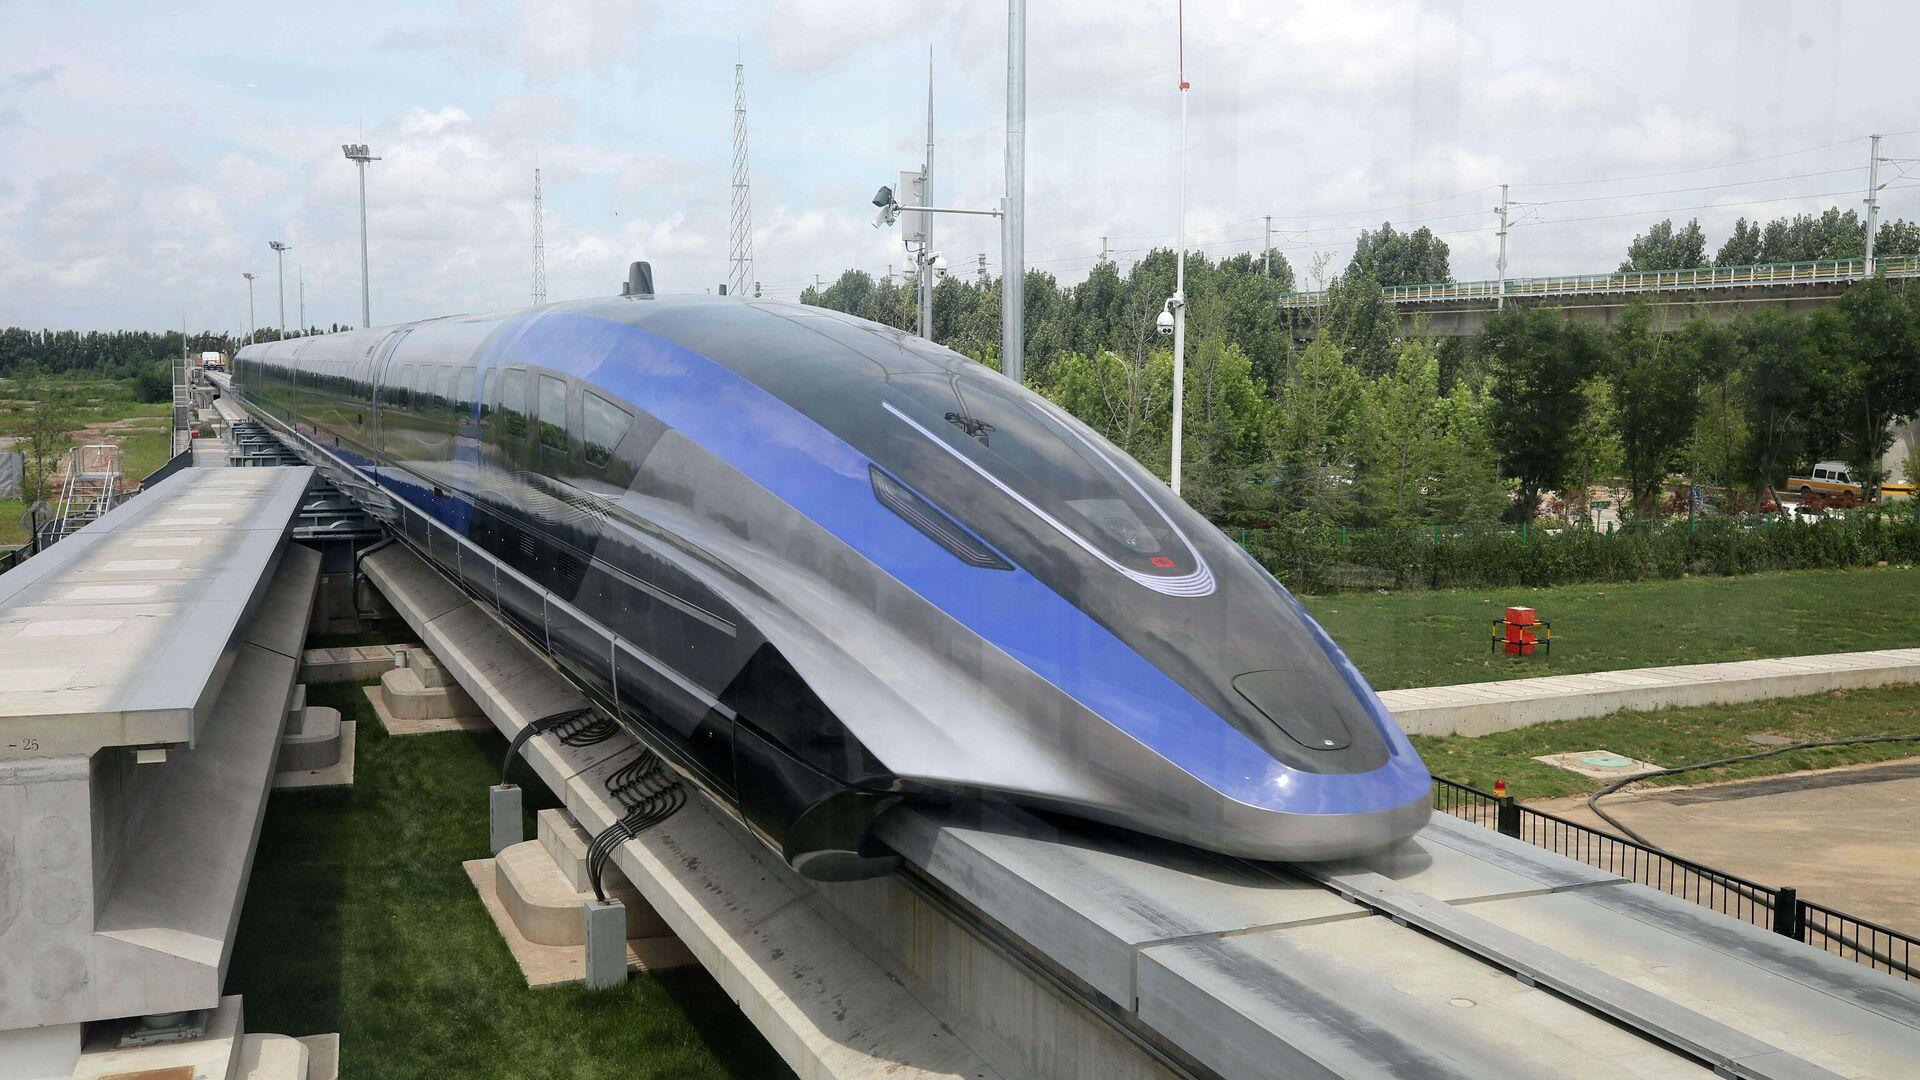 Tren de levitación magnética de alta velocidad chino - Sputnik Mundo, 1920, 20.07.2021